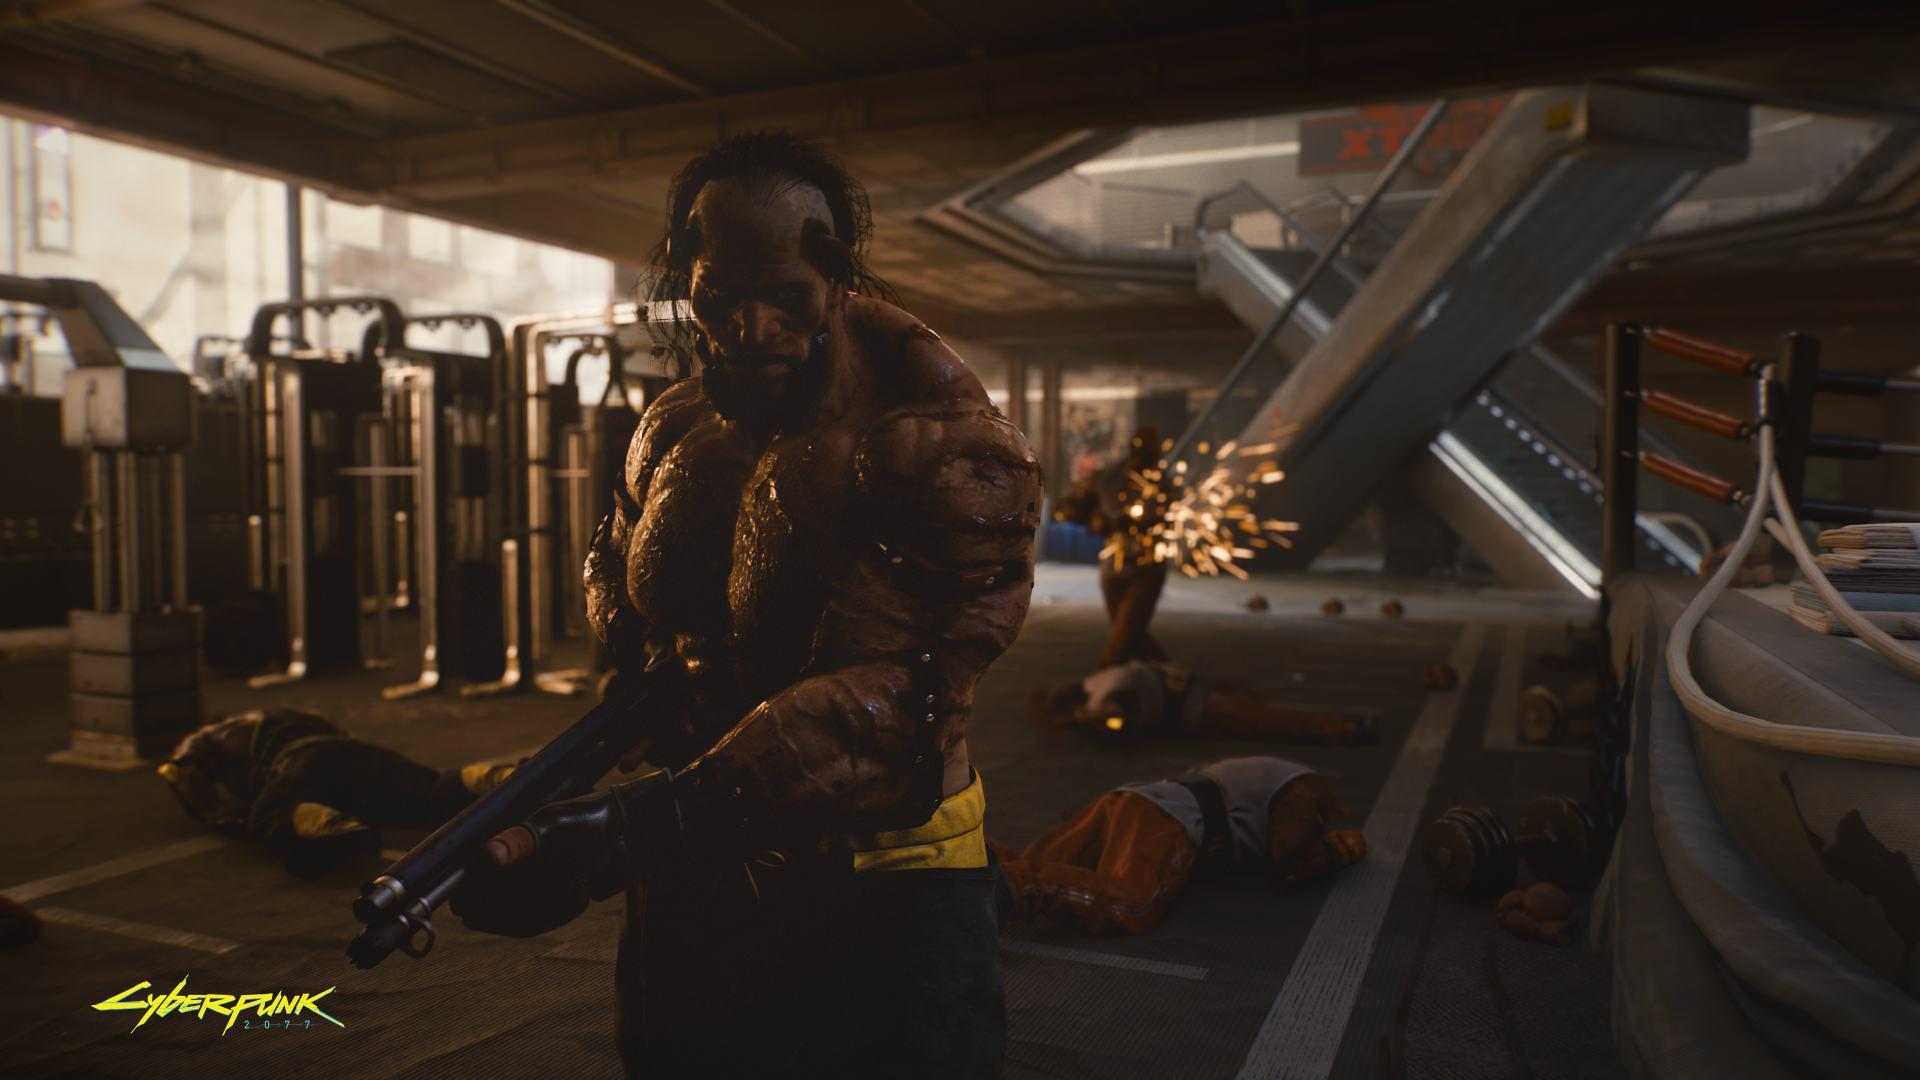 Cyberpunk 2077 Those are big guns